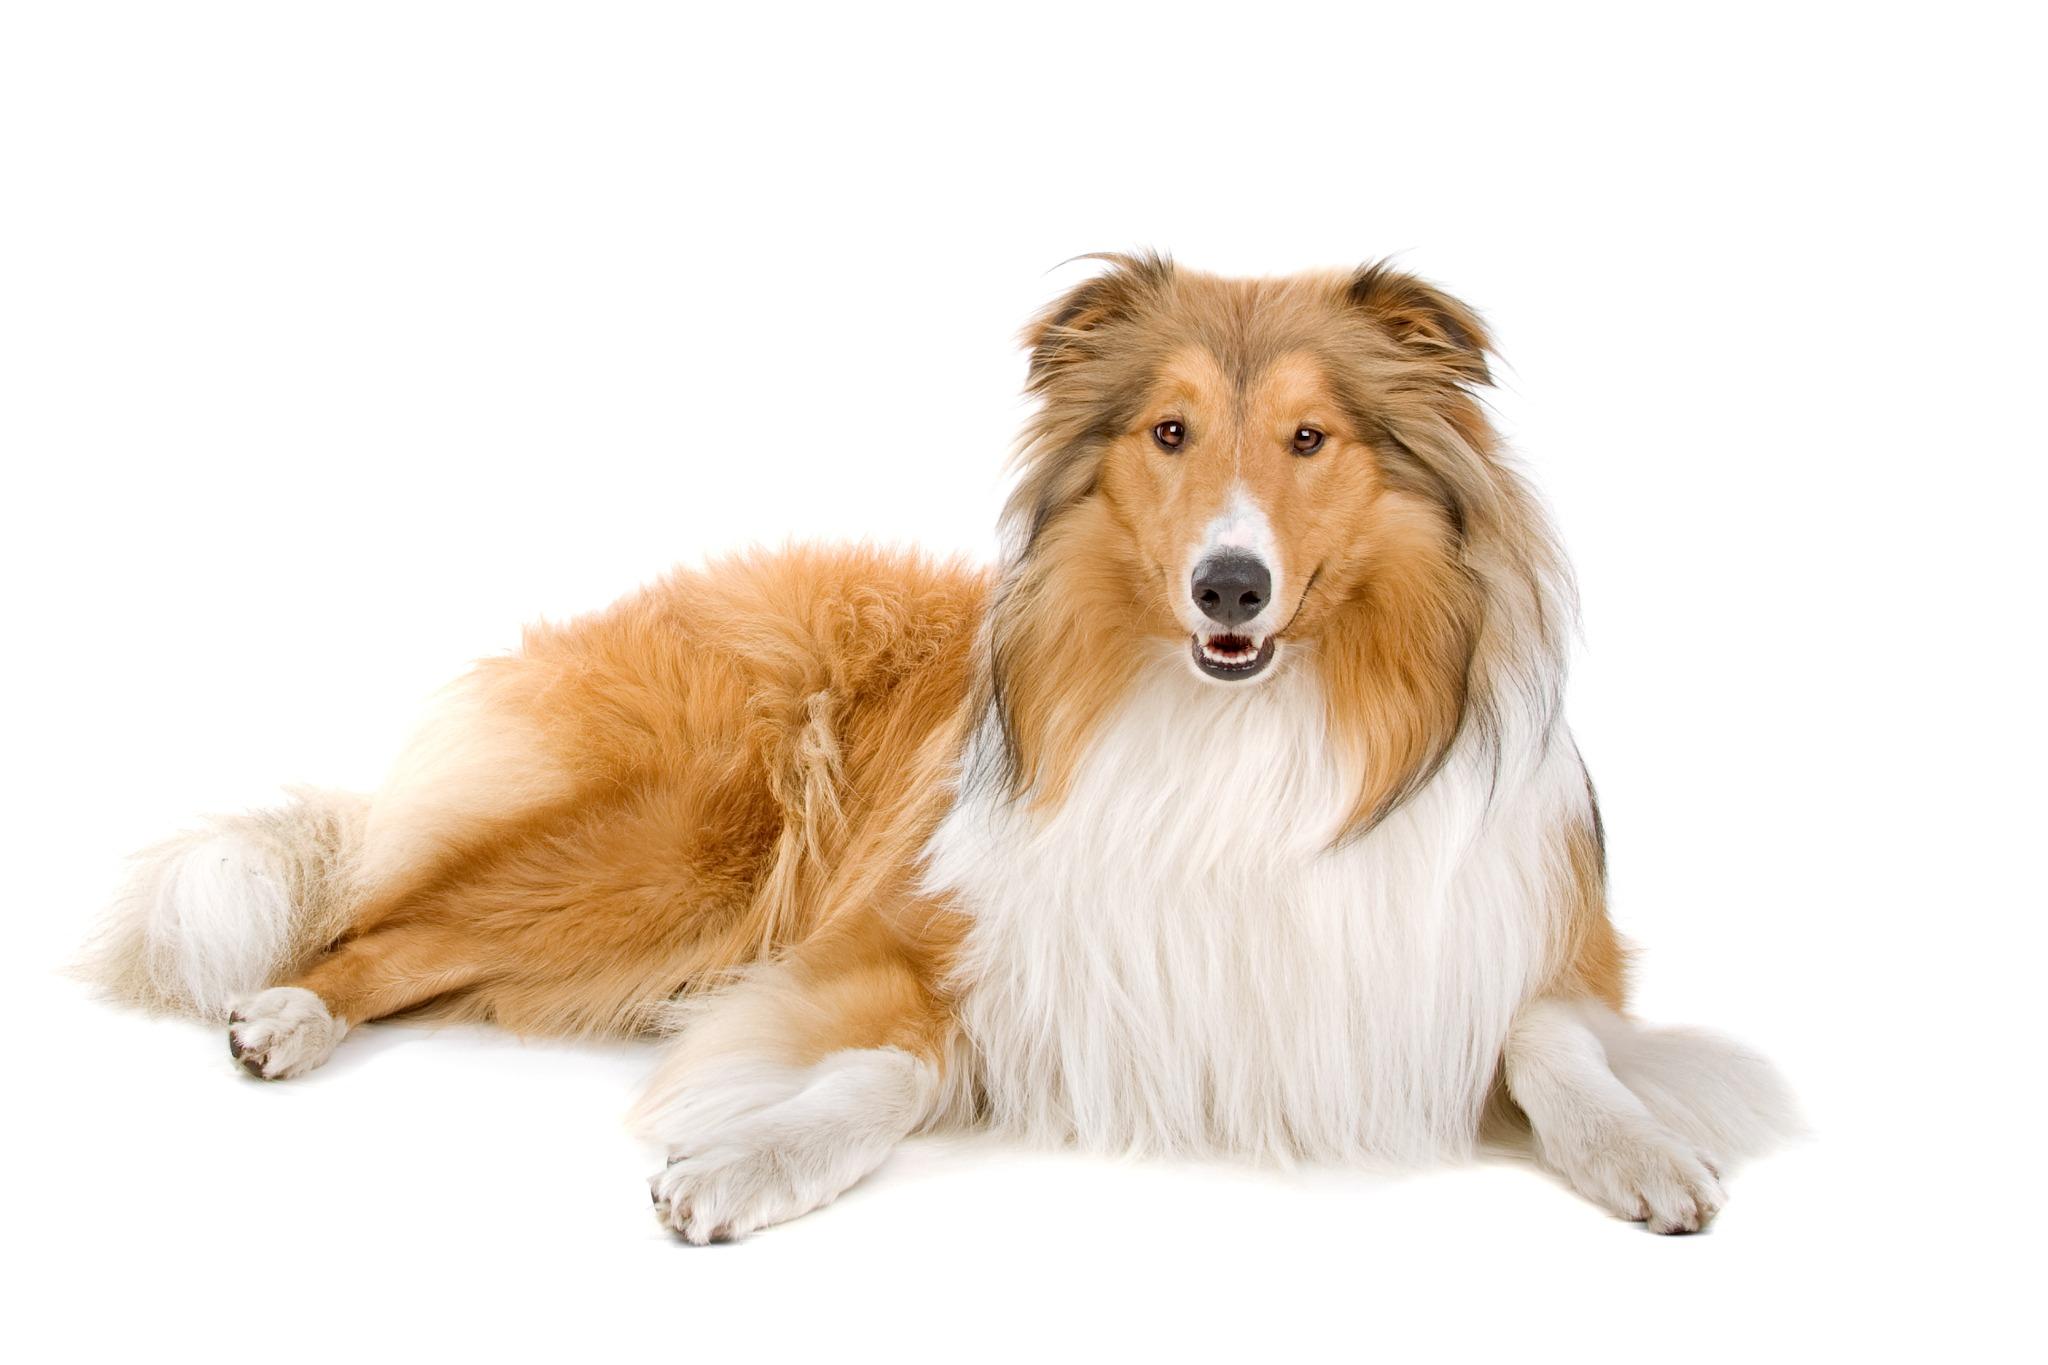 A portrait of a Rough Collie dog